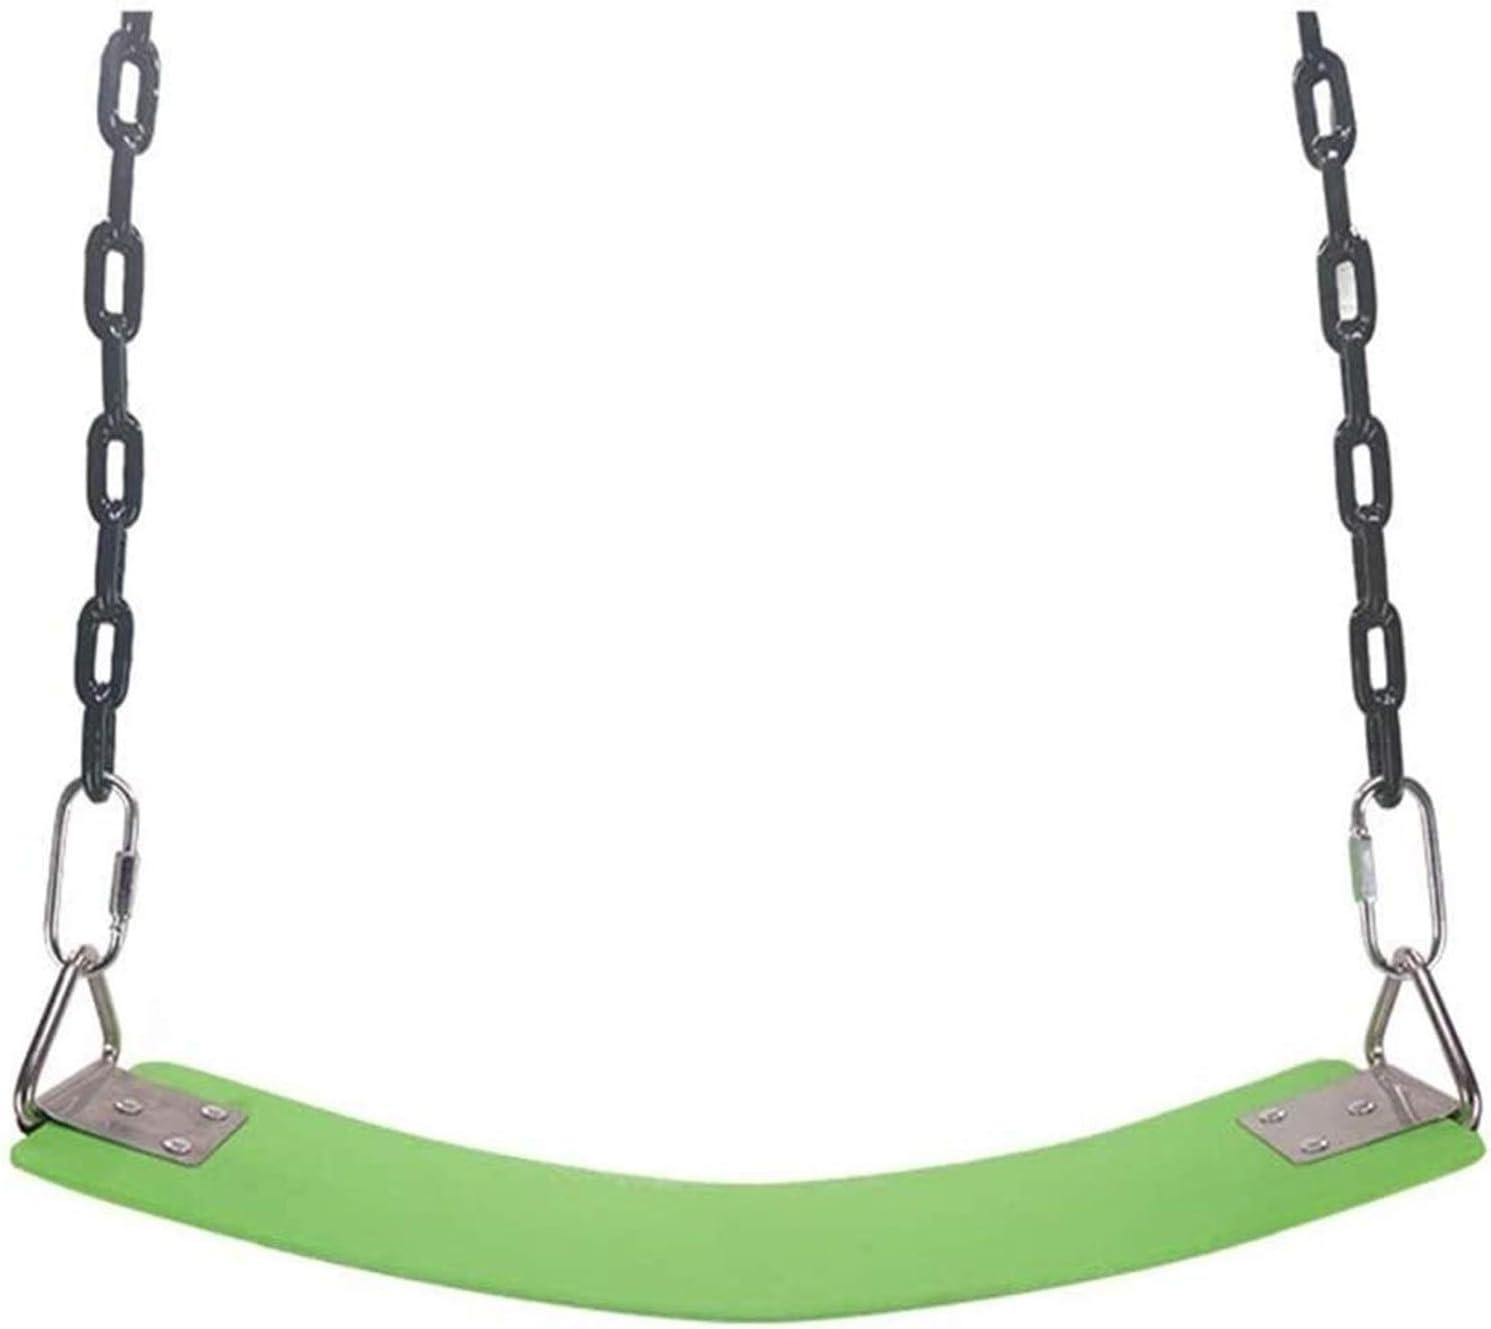 WERTYG Caballo de los niños del jardín, Acampada Swing Asiento EVA Plato de oscilación Suave con Accesorios al Aire Libre for jardín del Patio (Azul, Tamaño: 63.5x15cm)